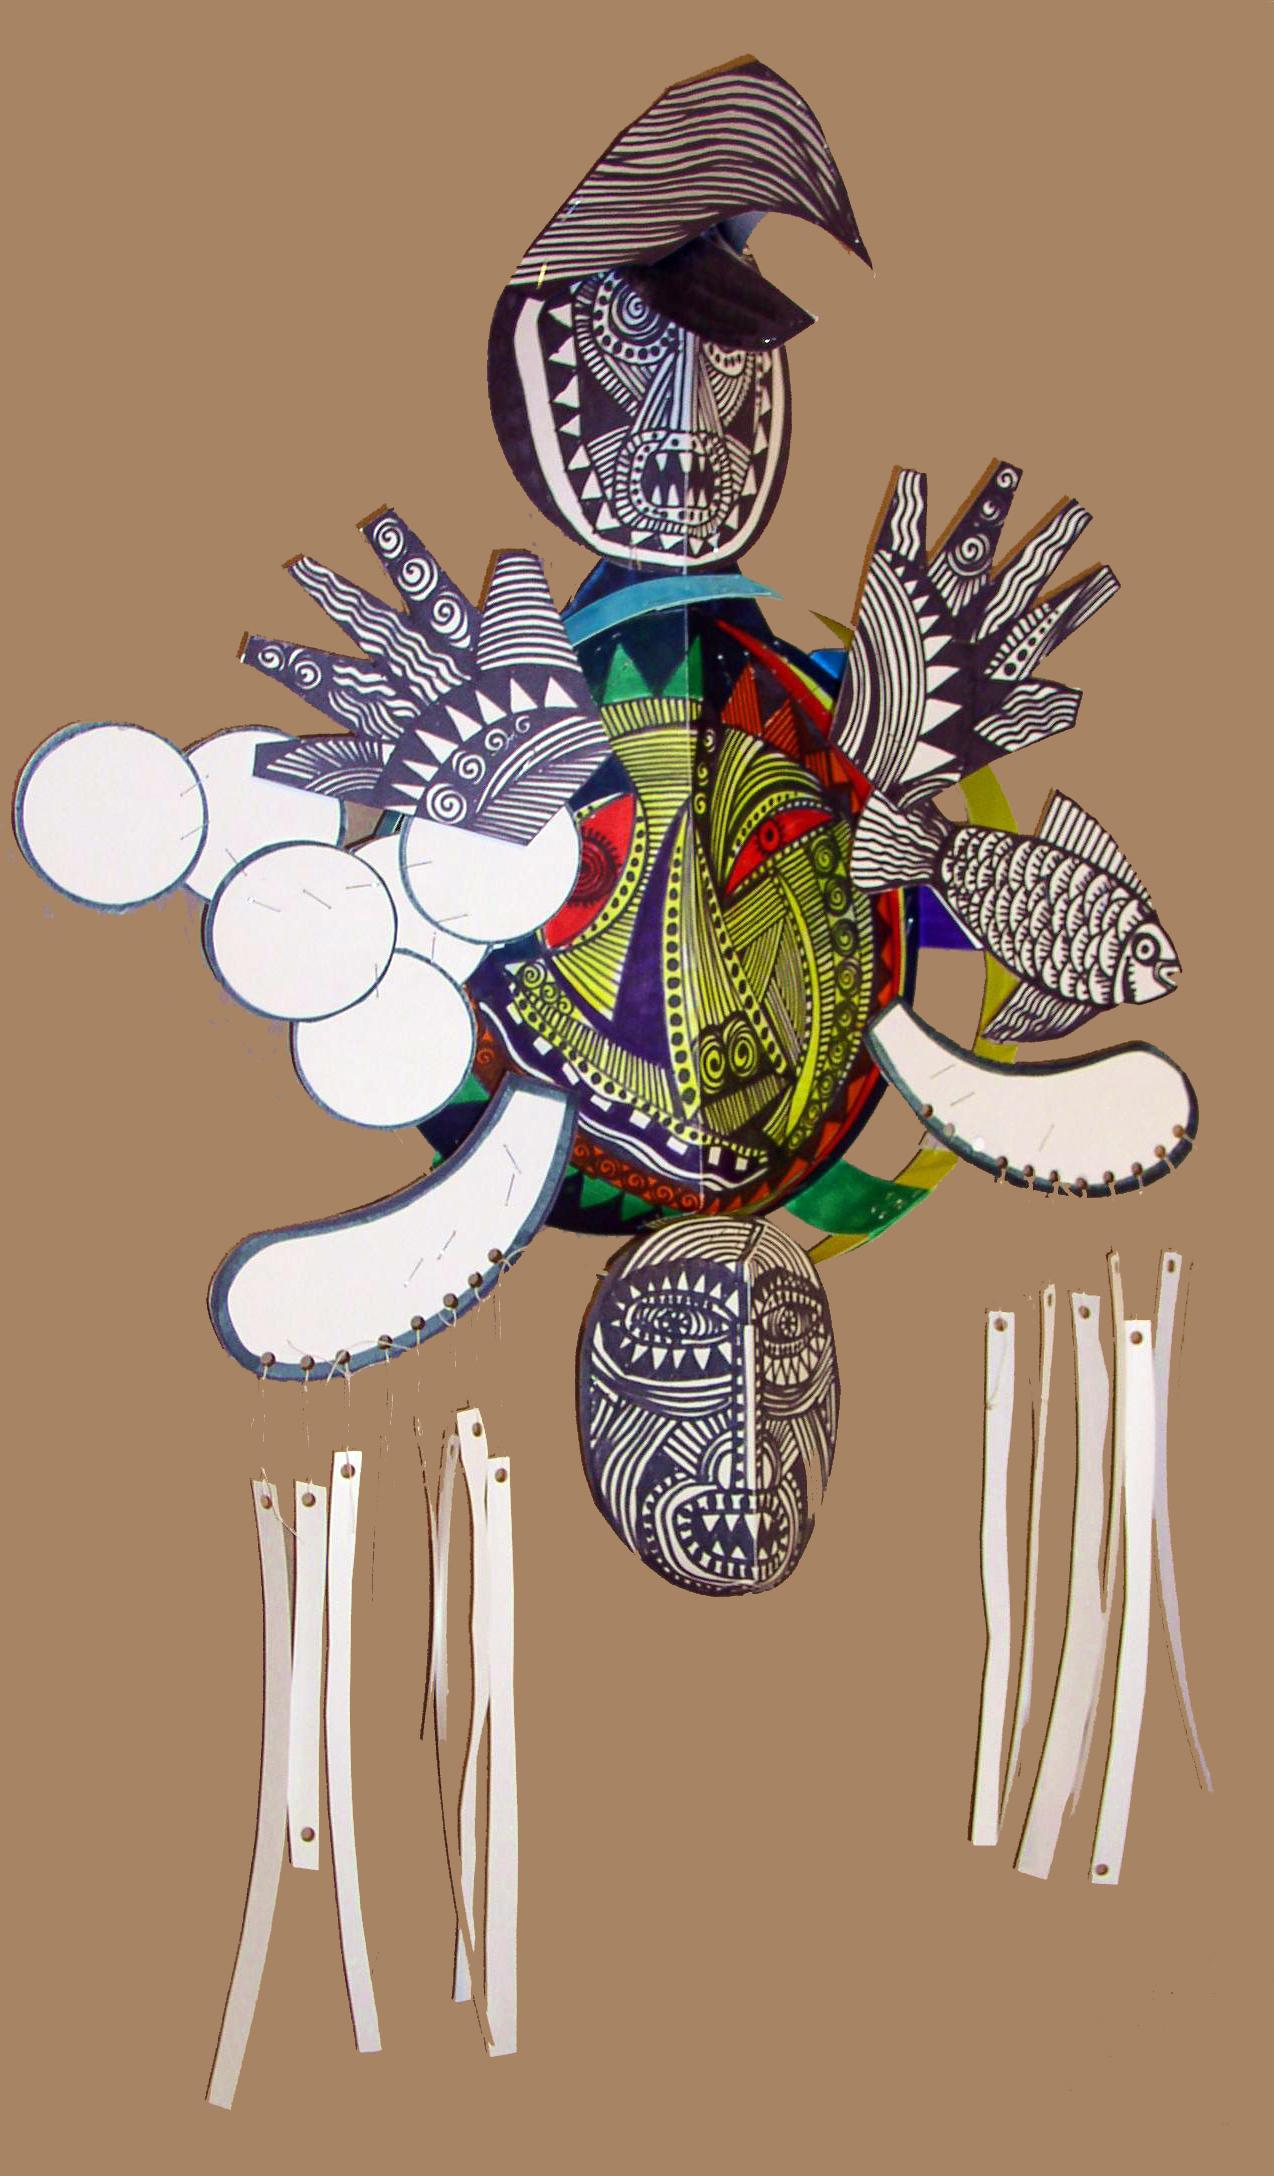 Inuit Mask        for mask workshop instruction  white oak tag, black and color markers